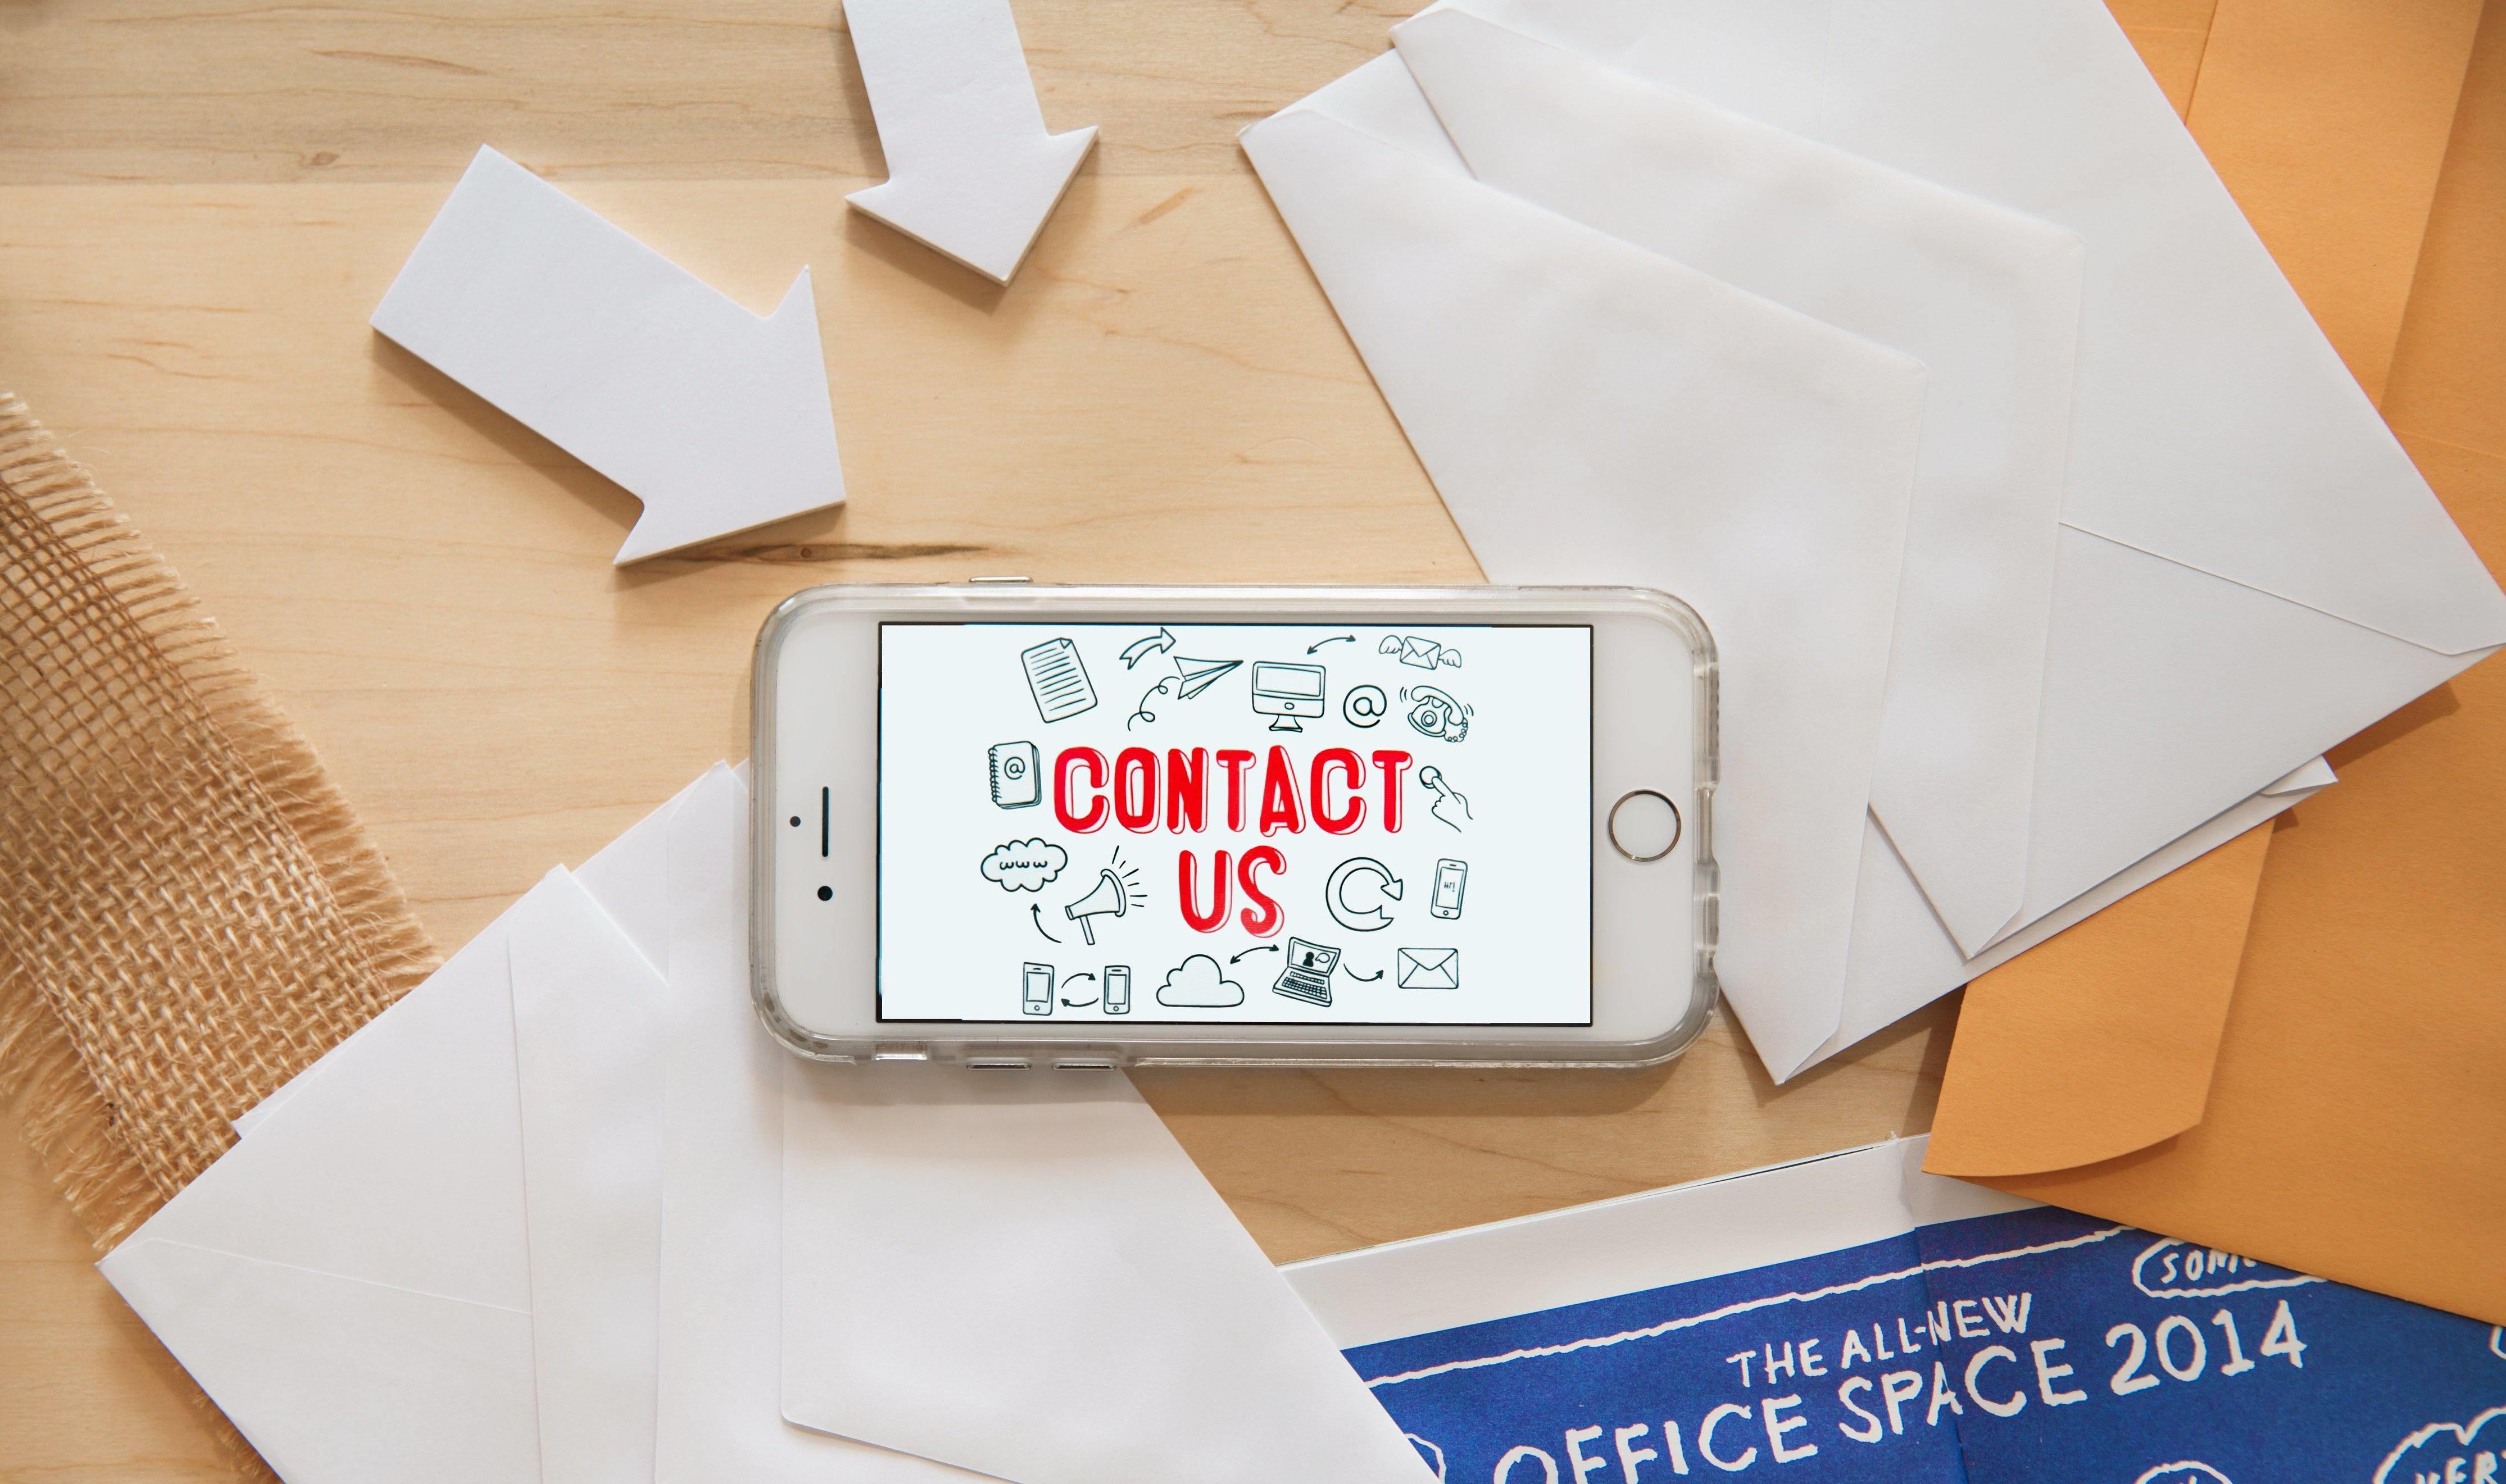 Kundenservice - Tisch mit Briefen und Handy